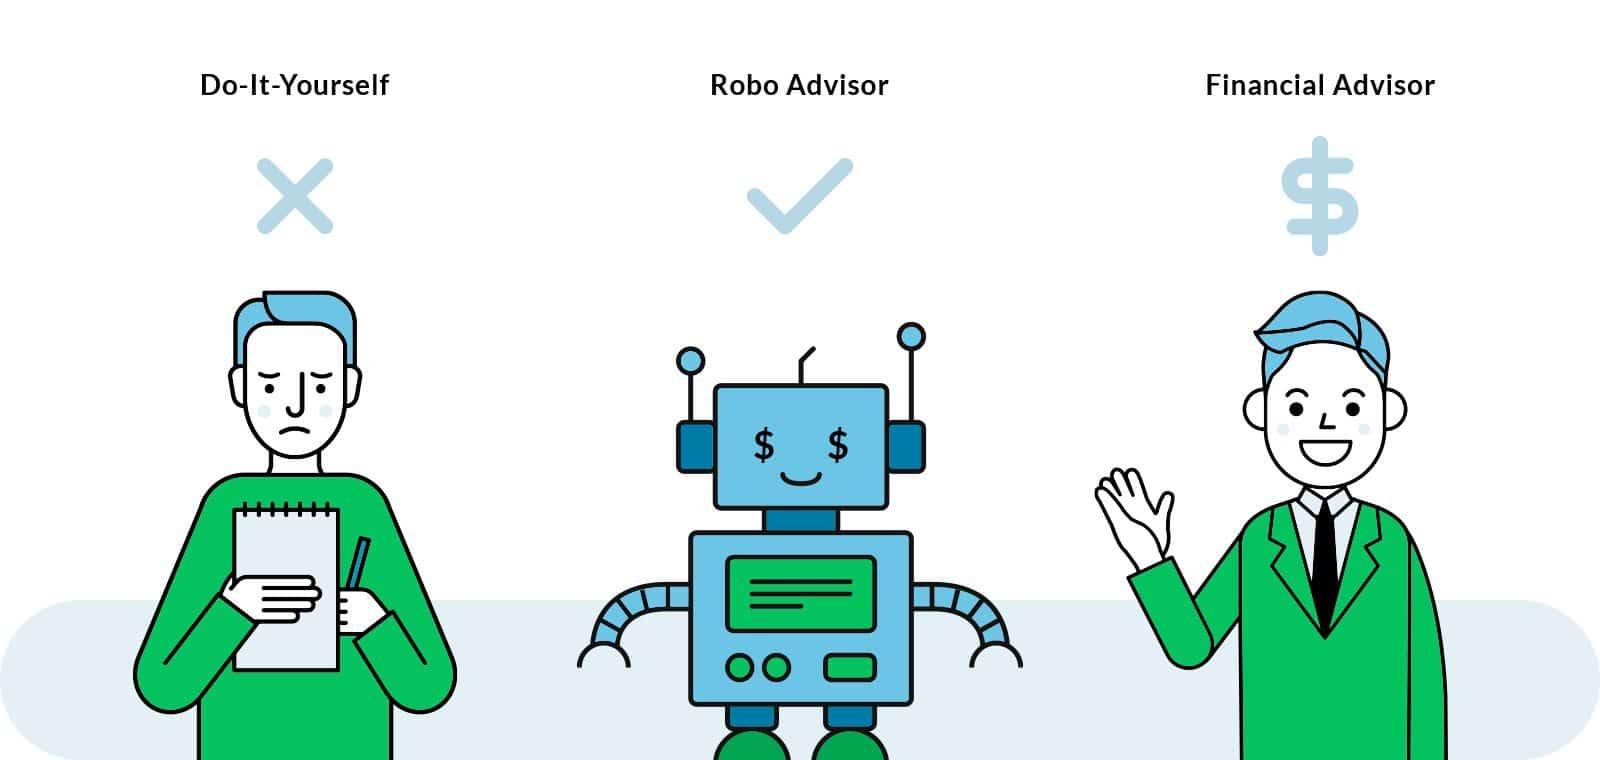 what are robo advisors?